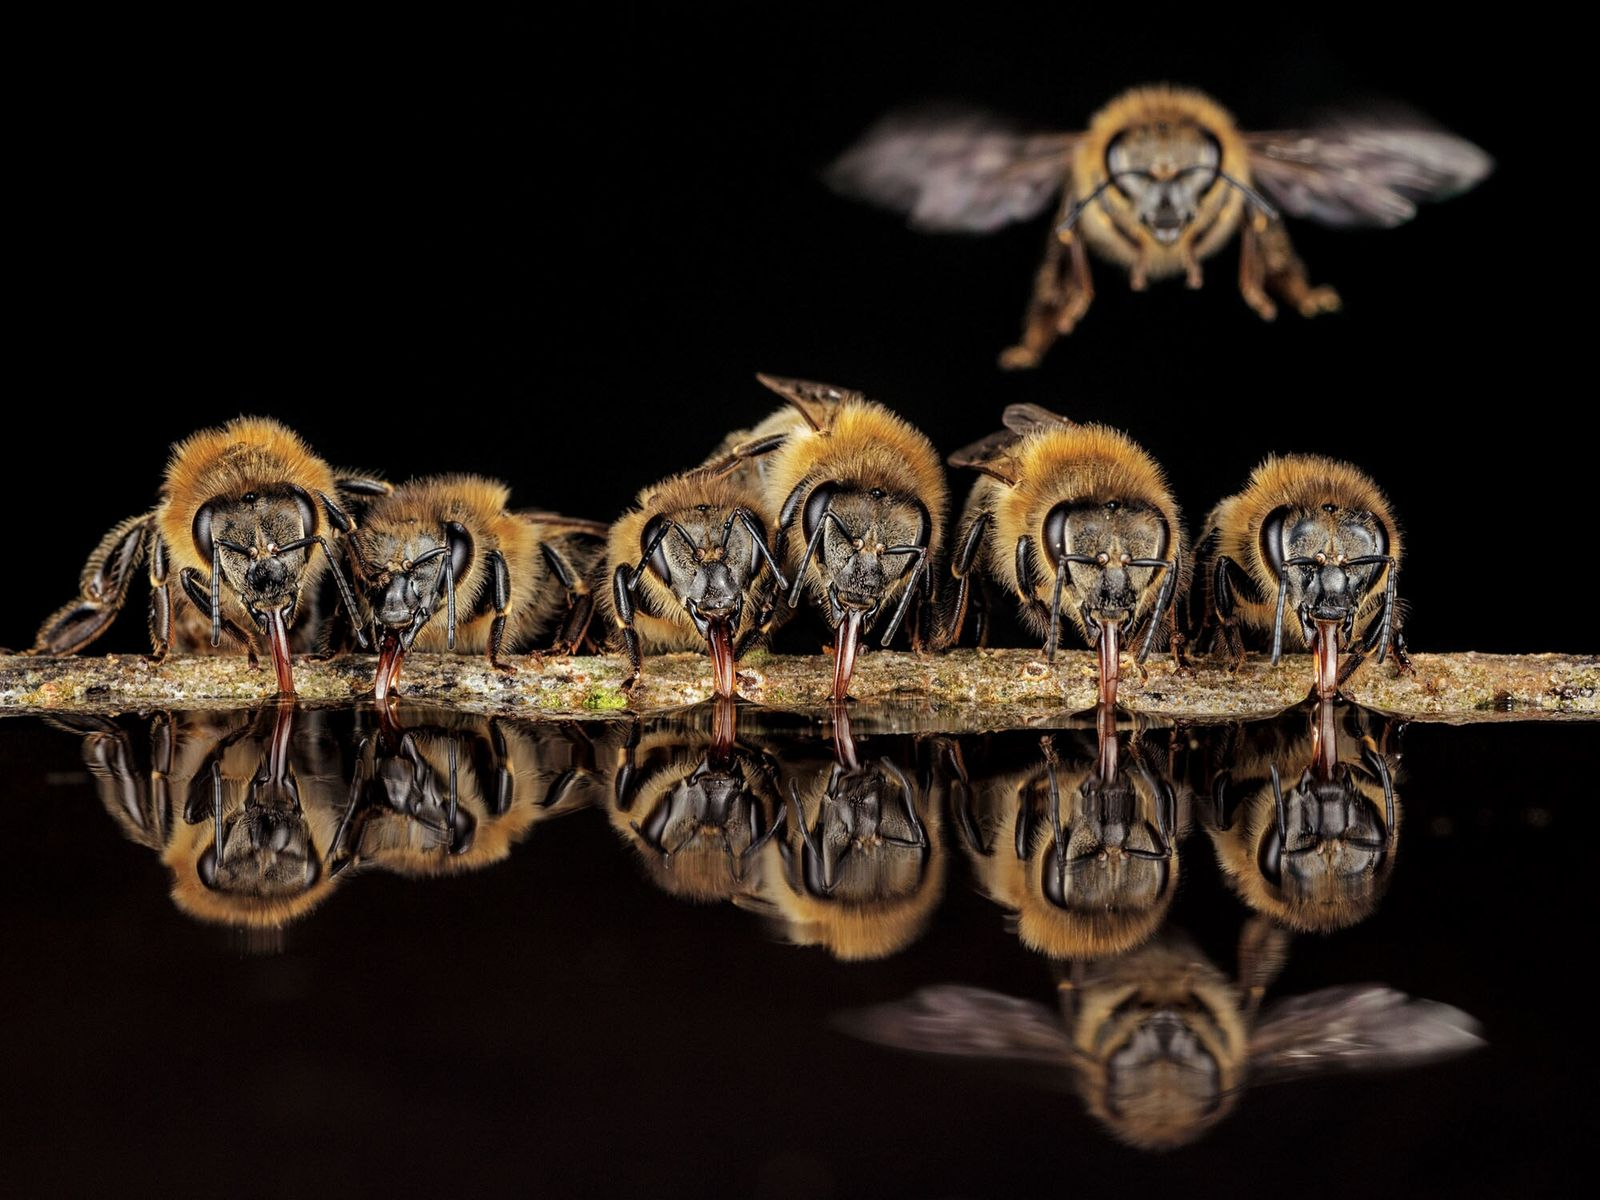 Com línguas tubulares, as abelhas-europeias em Langen, Alemanha, sugam a água para transportá-la à colmeia. A ...